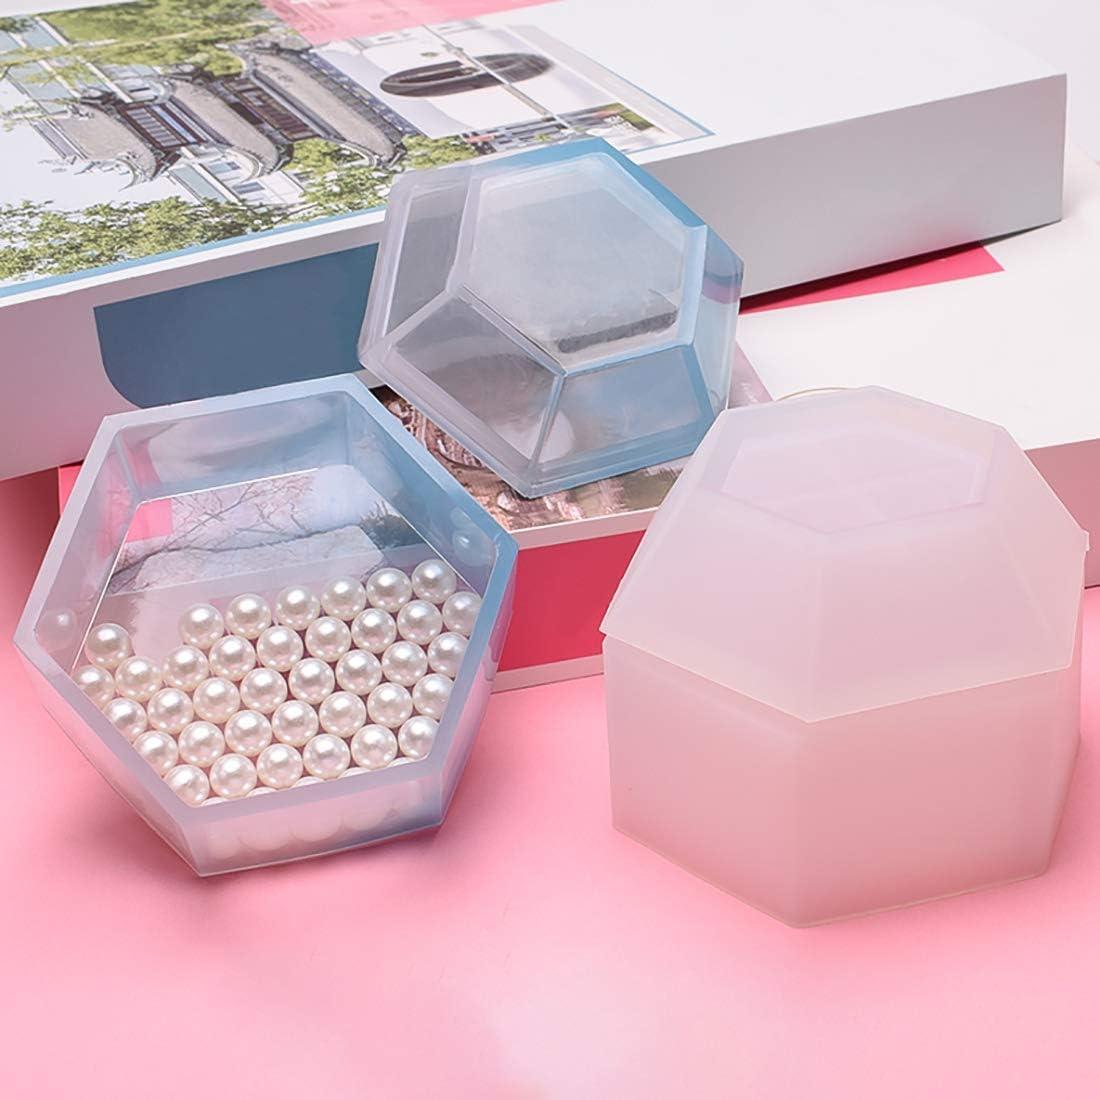 Molde de caja de resina FineInno Moldes De Resina Caja de Almacenamiento de Fundici/ón de Silicona Molde Hexagon Moldeado De Artesan/ía Joyer/ía Molde DIY Craft hacer